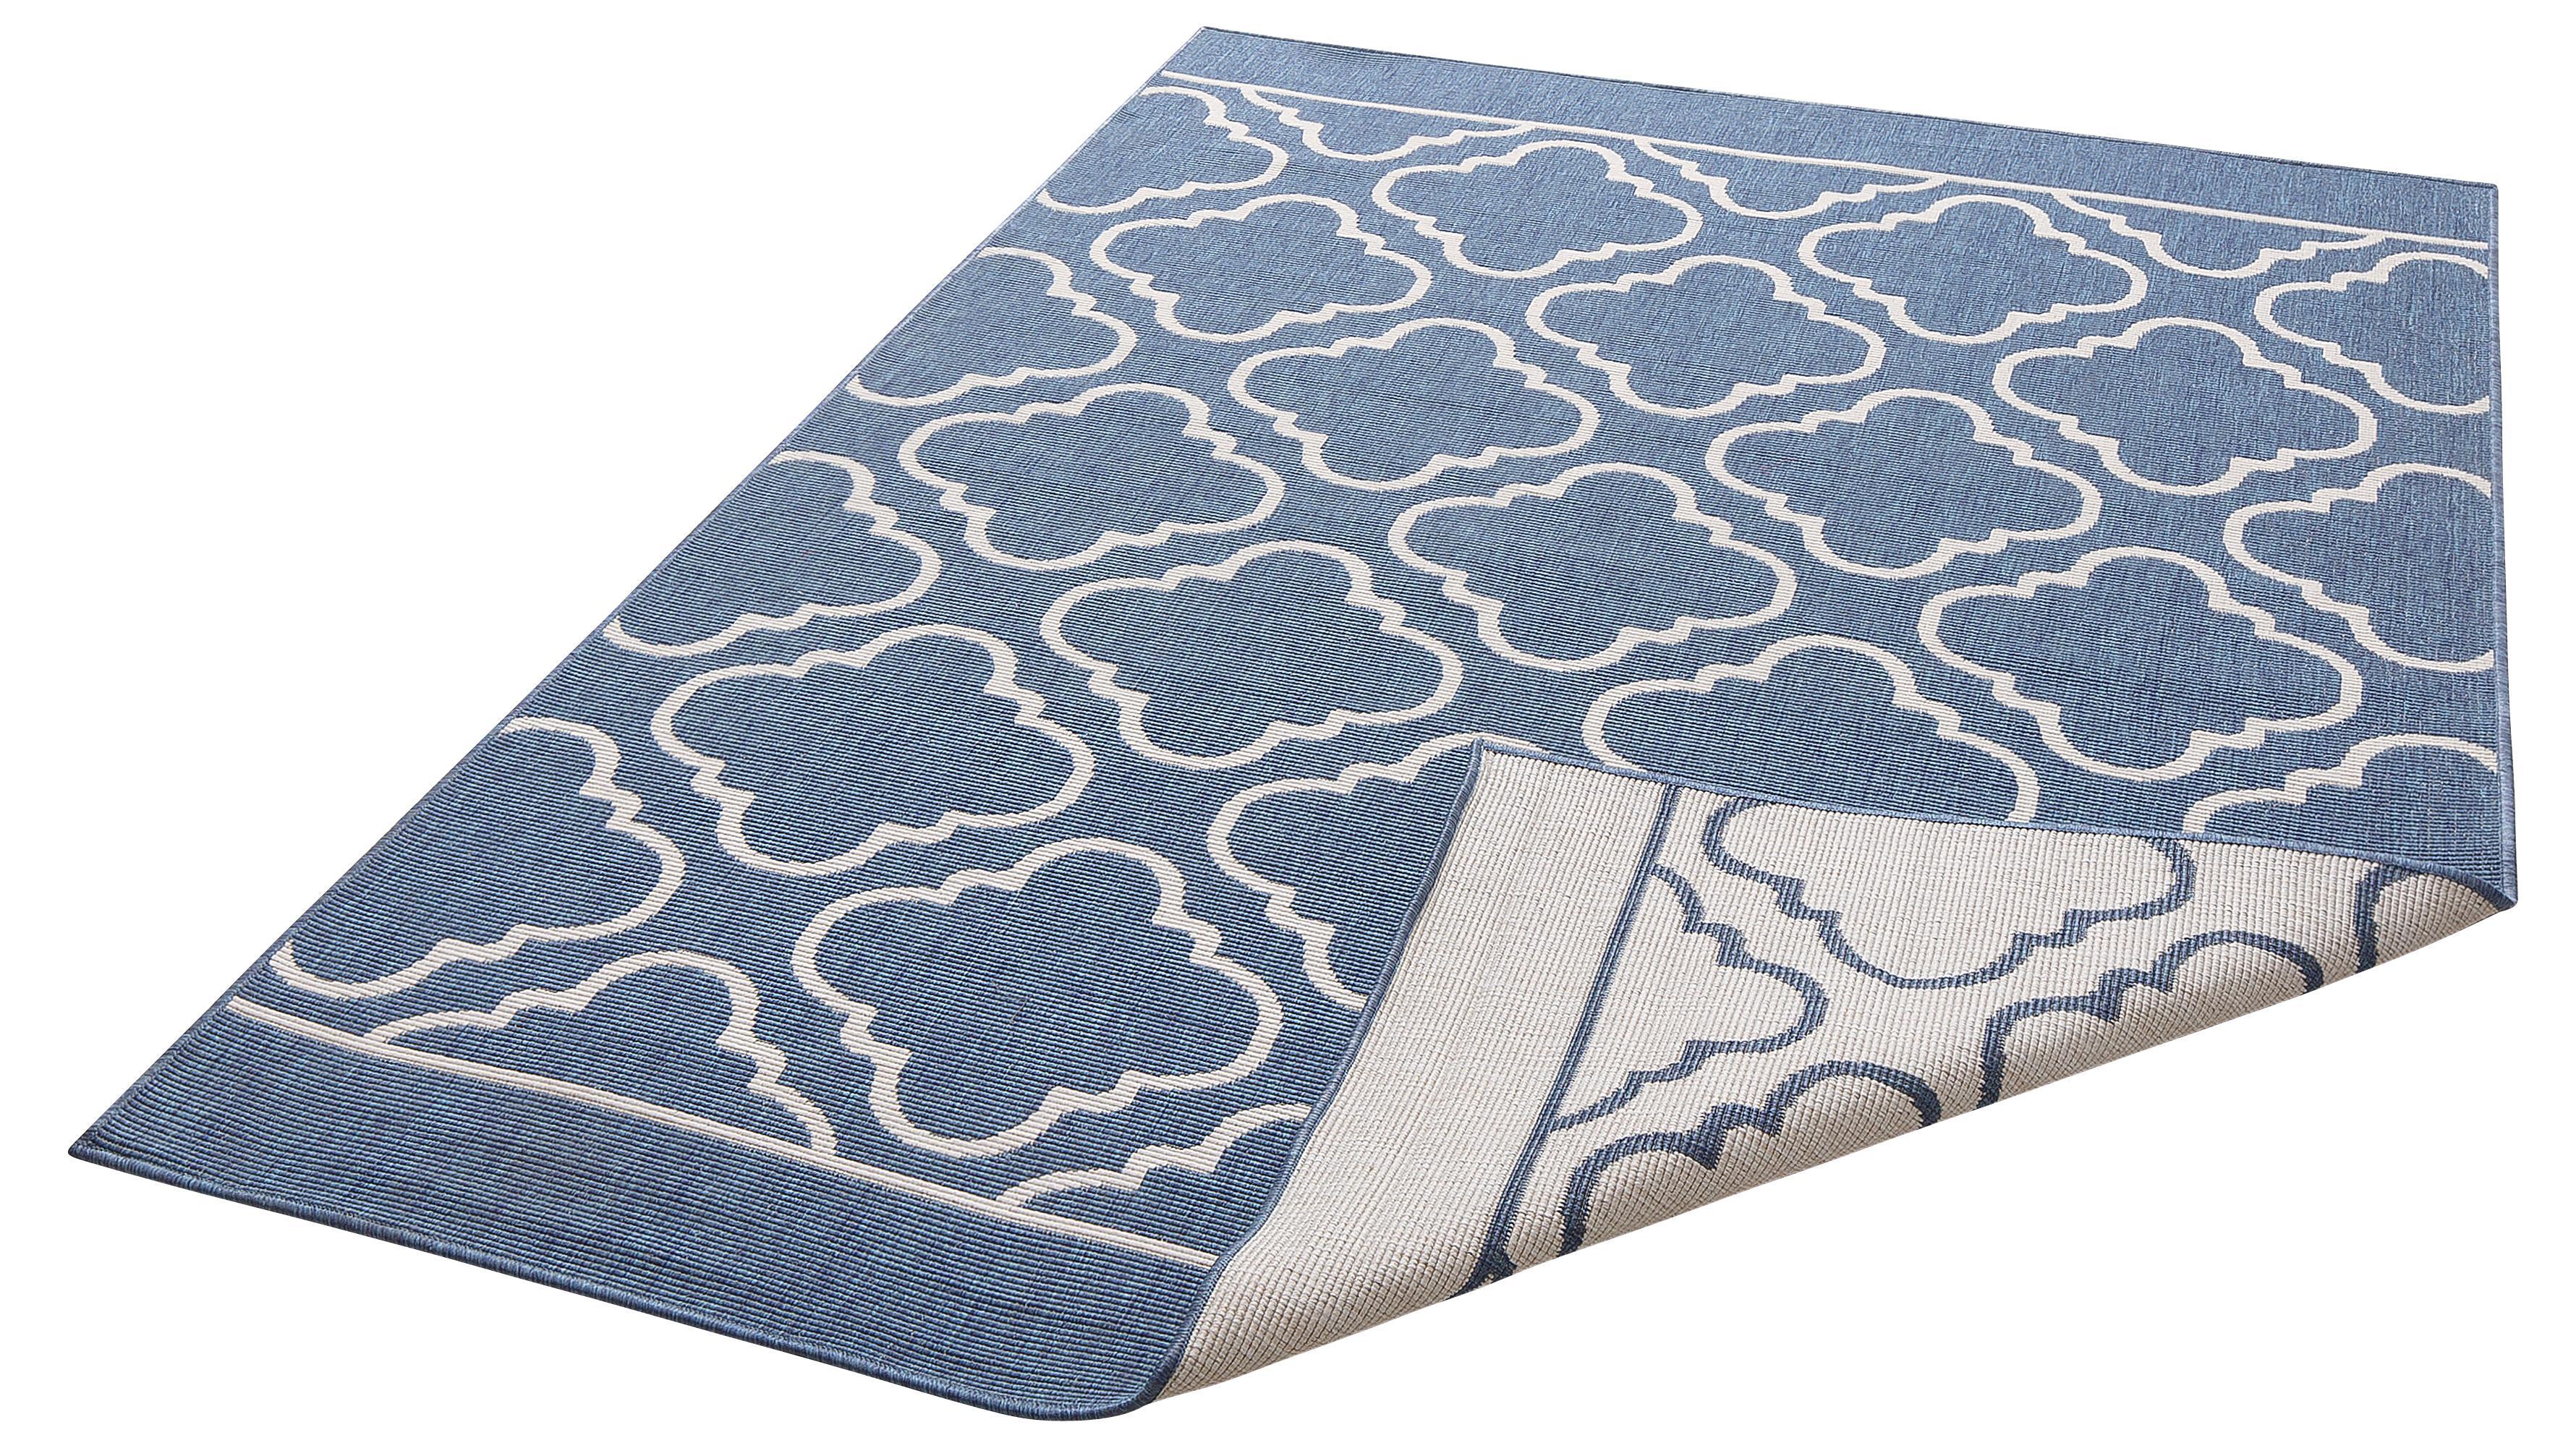 Teppich Laila my home rechteckig Höhe 5 mm maschinell gewebt